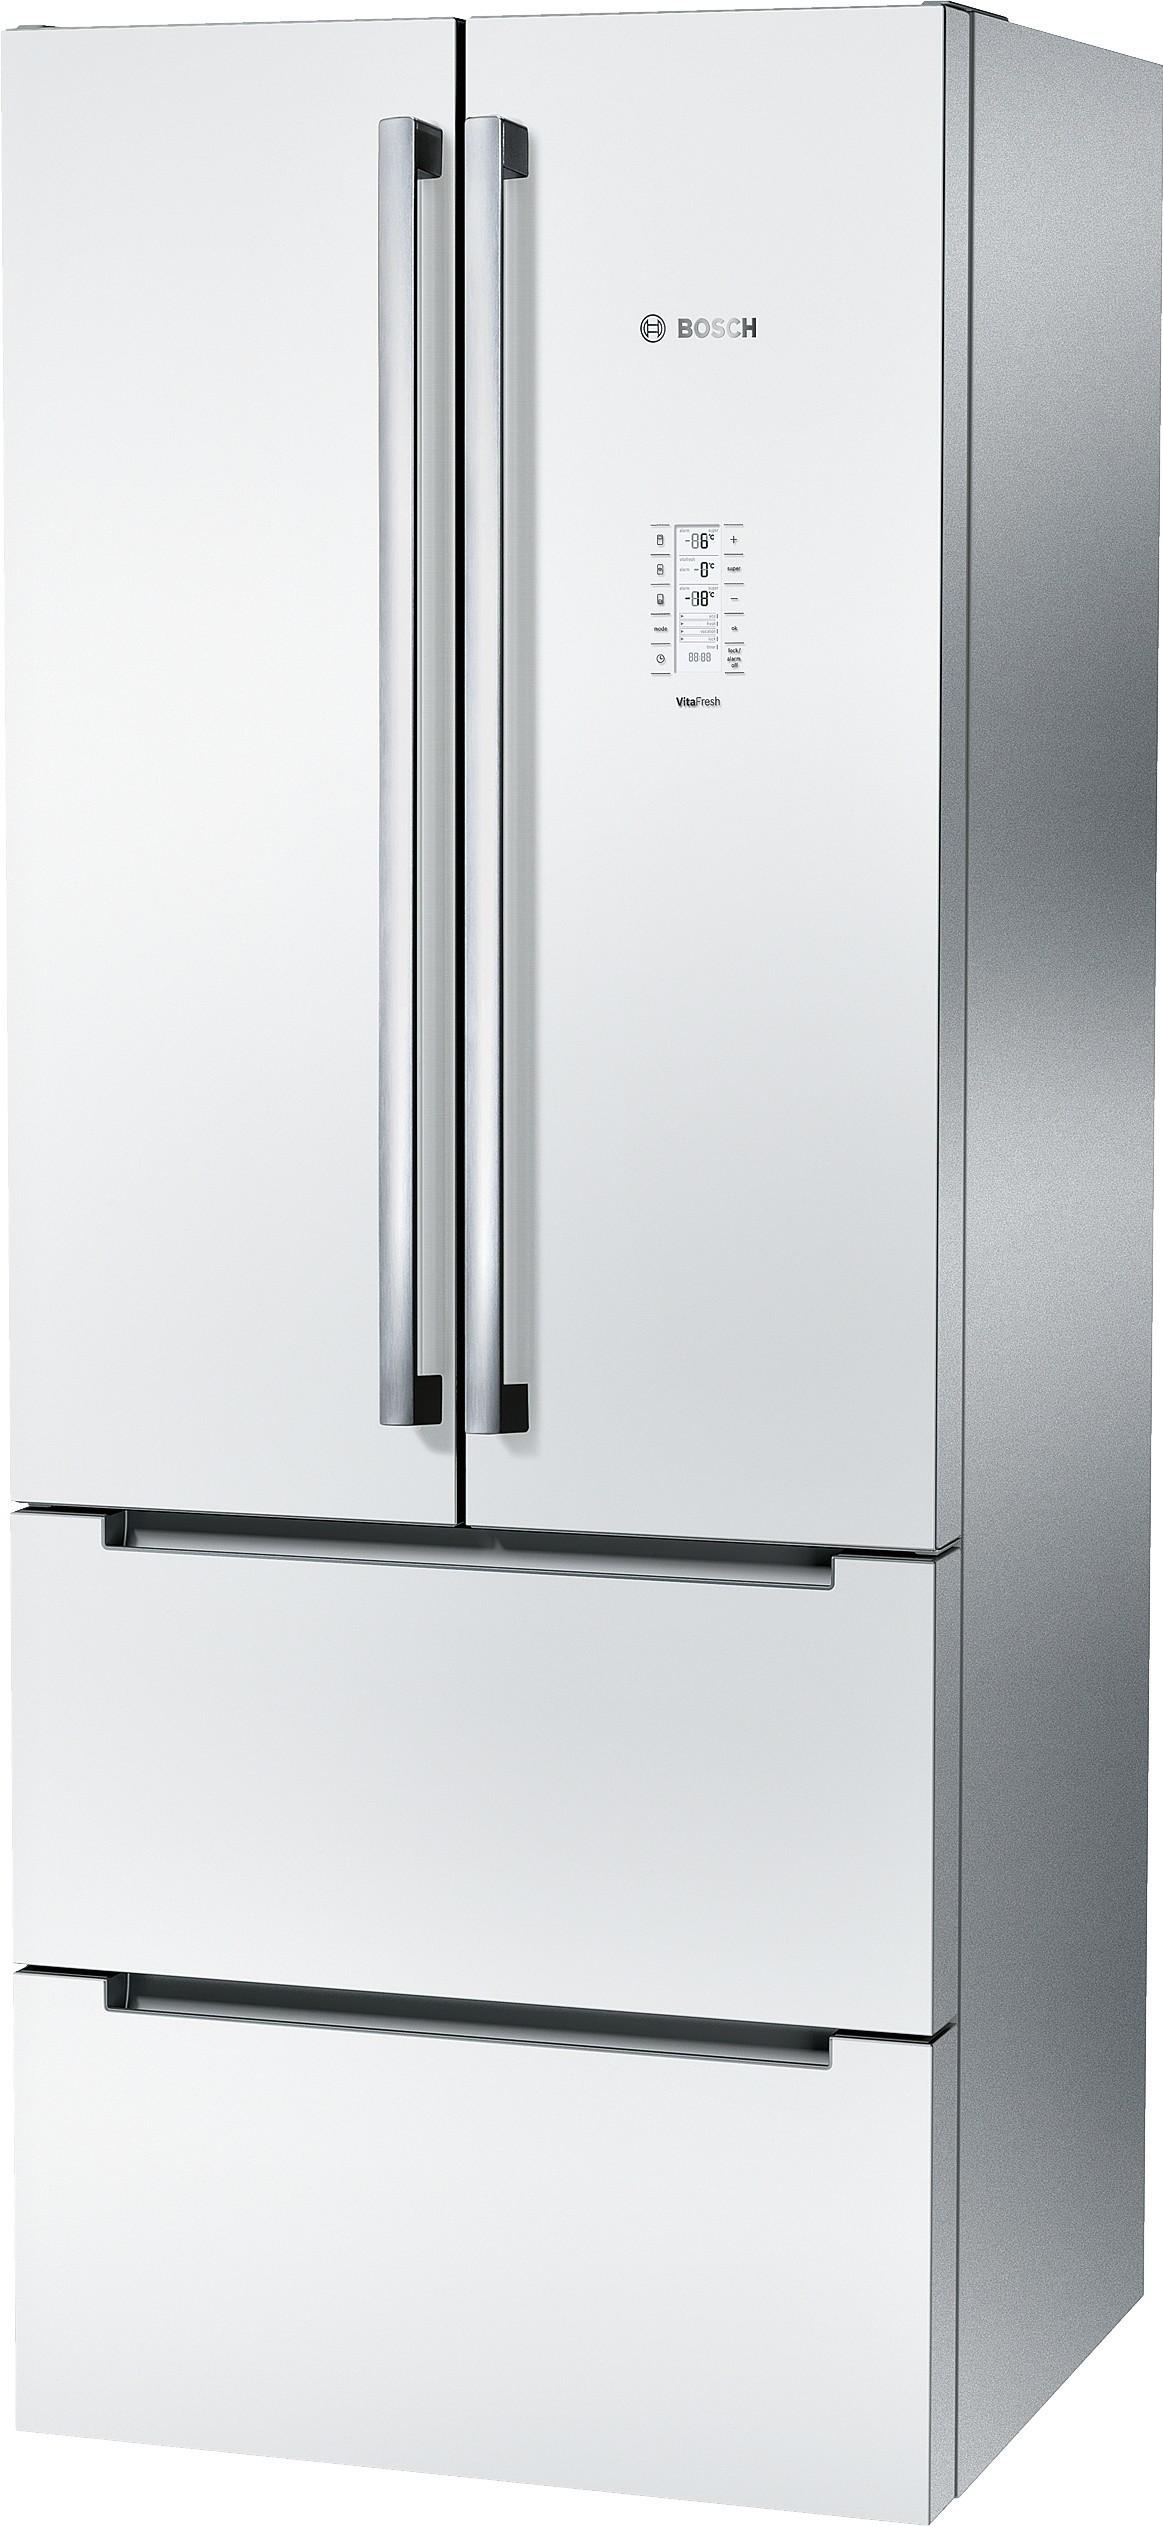 Whirlpool Gold koelkast Ice Maker aansluiting